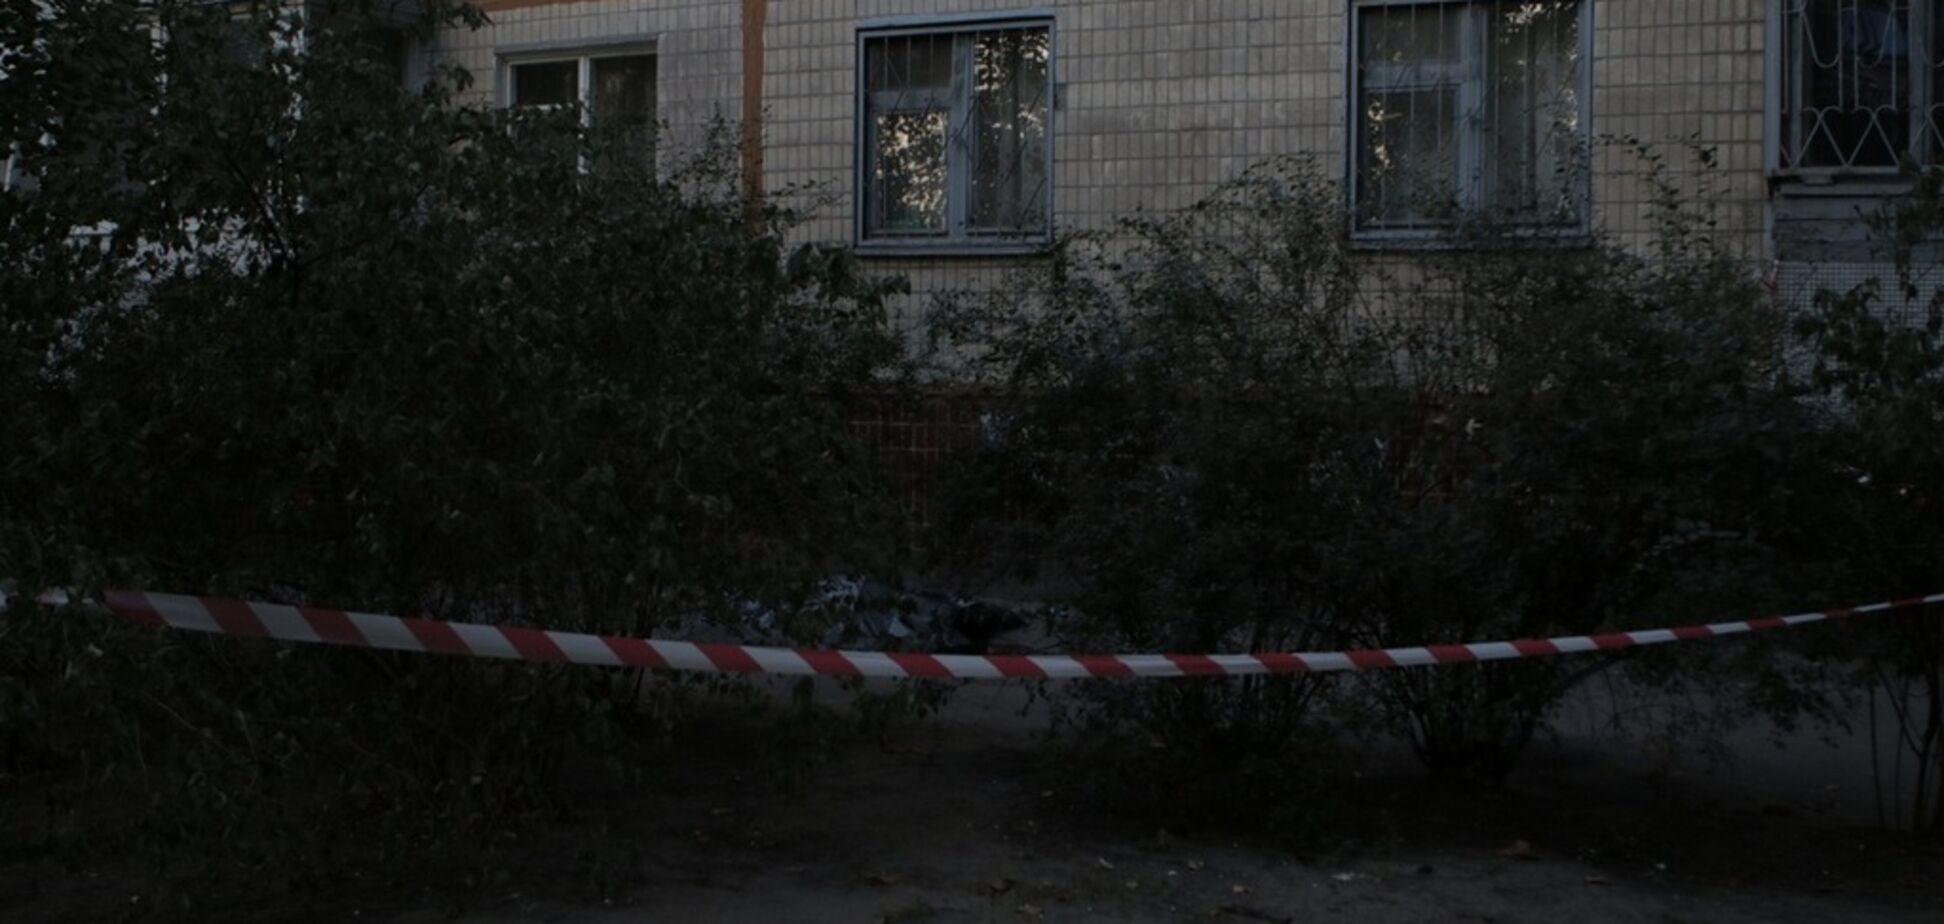 У Дніпрі за загадкових обставин загинула жінка: фото 18+